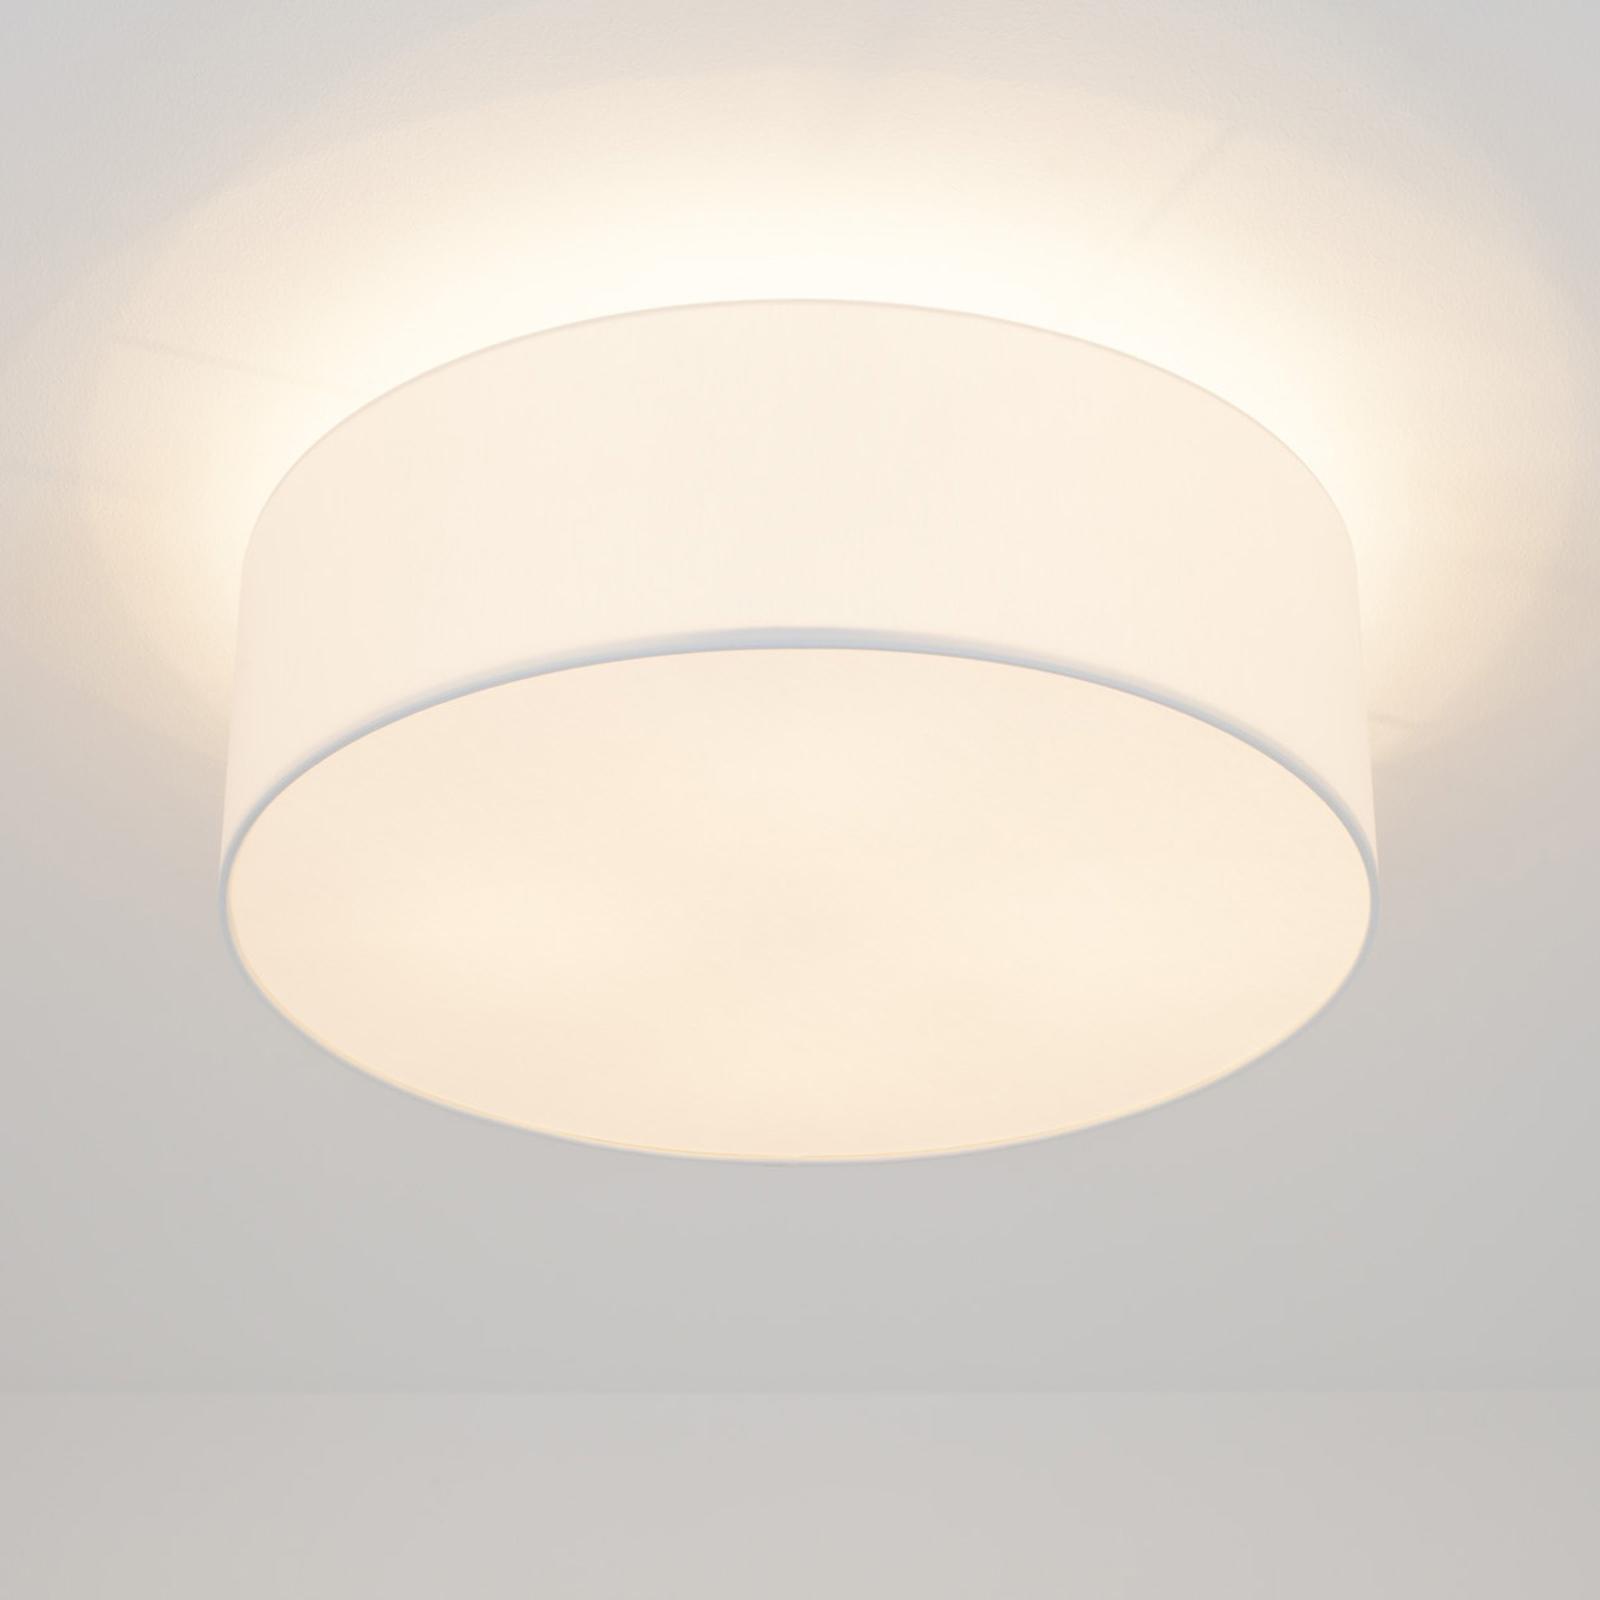 LED-kattovalo Gala, 50 cm, sintsi valkoinen